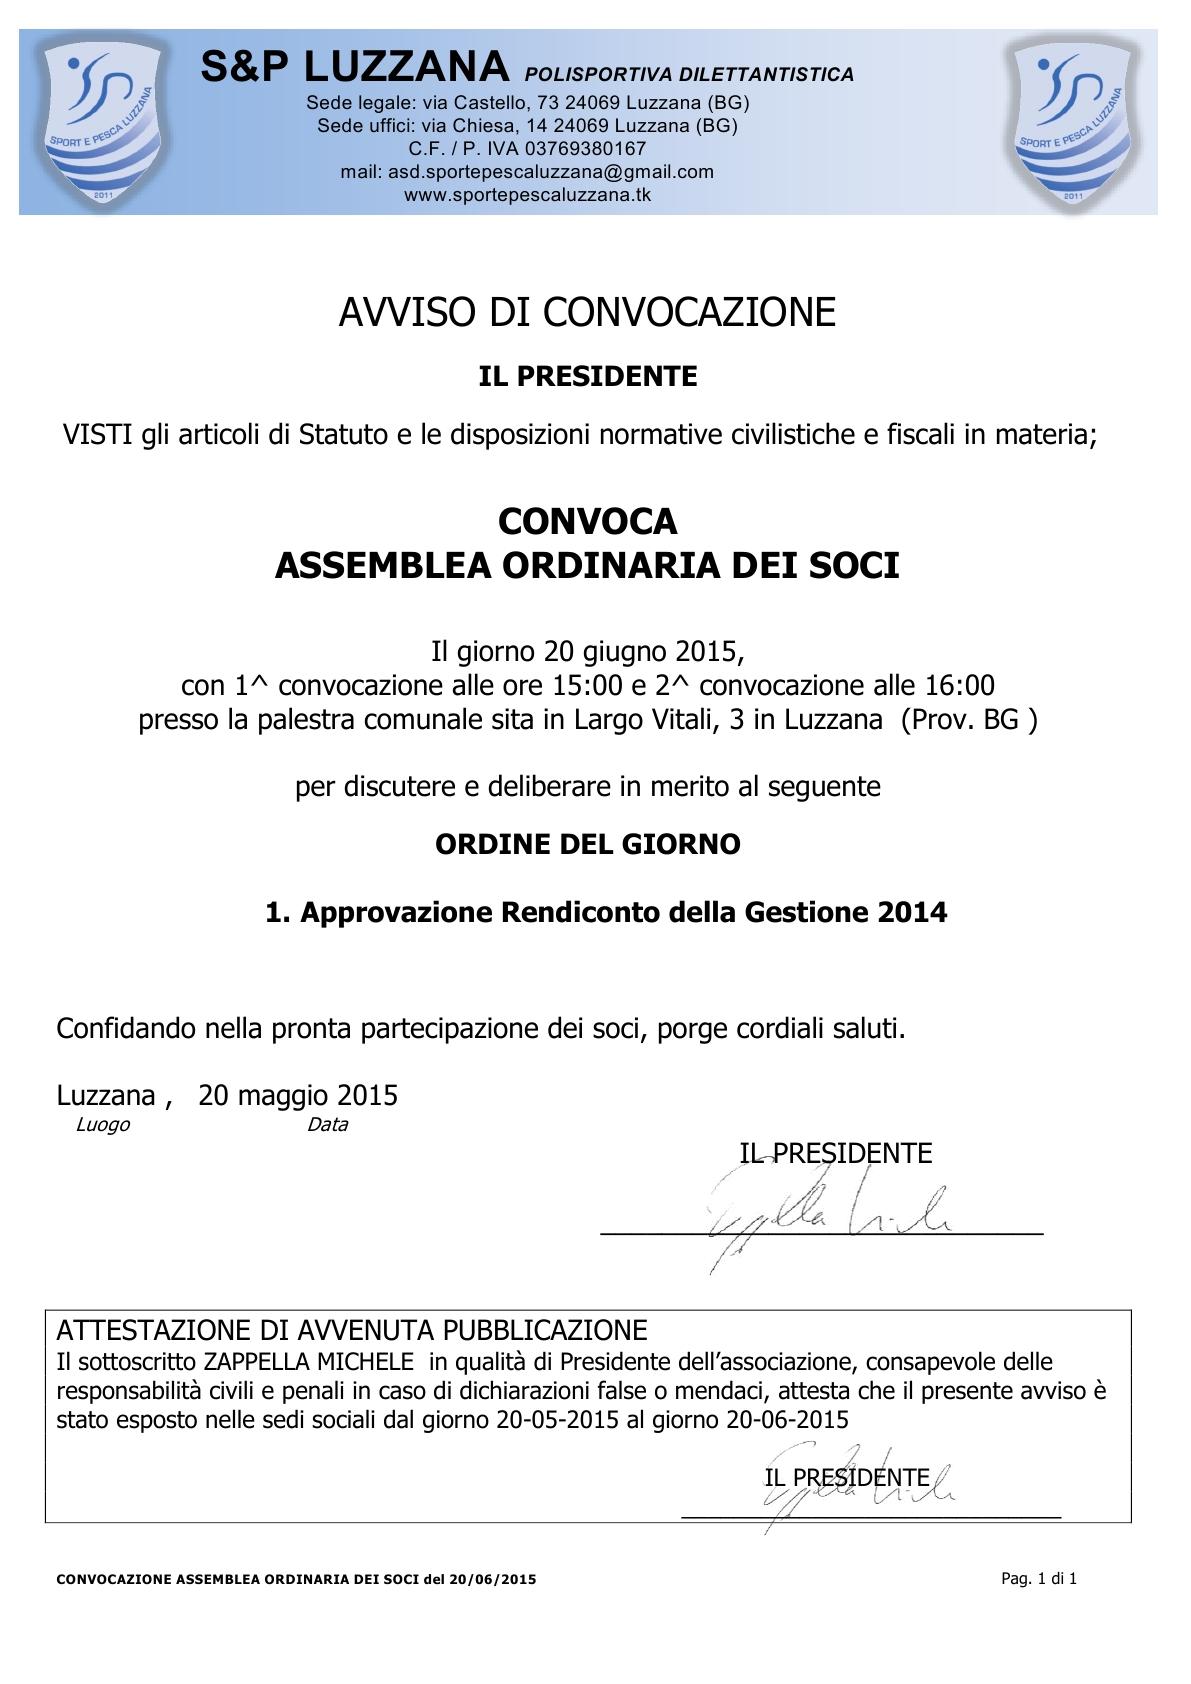 2015-06-20 Convocazione assemblea ordinaria dei soci